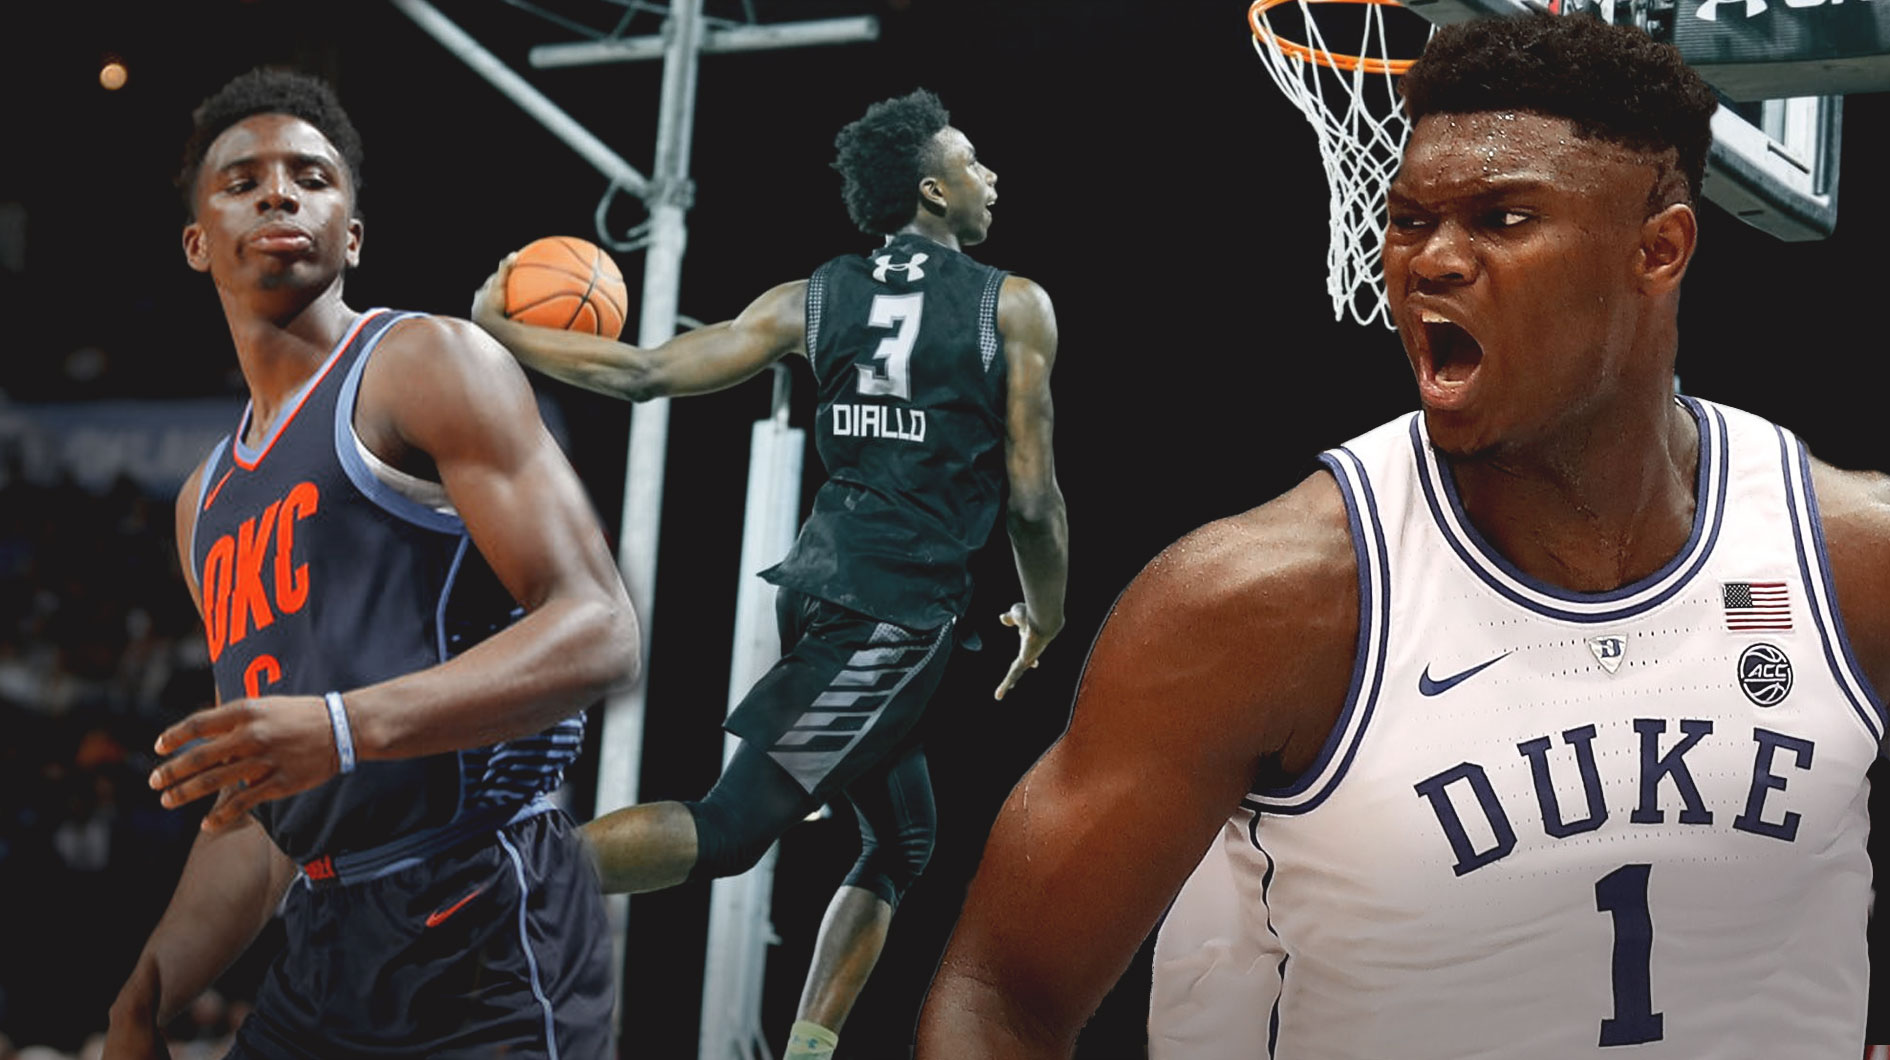 Mặc dù ẳm ngôi vô địch Dunk Contest nhưng Diallo vẫn chưa thể vượt qua Zion